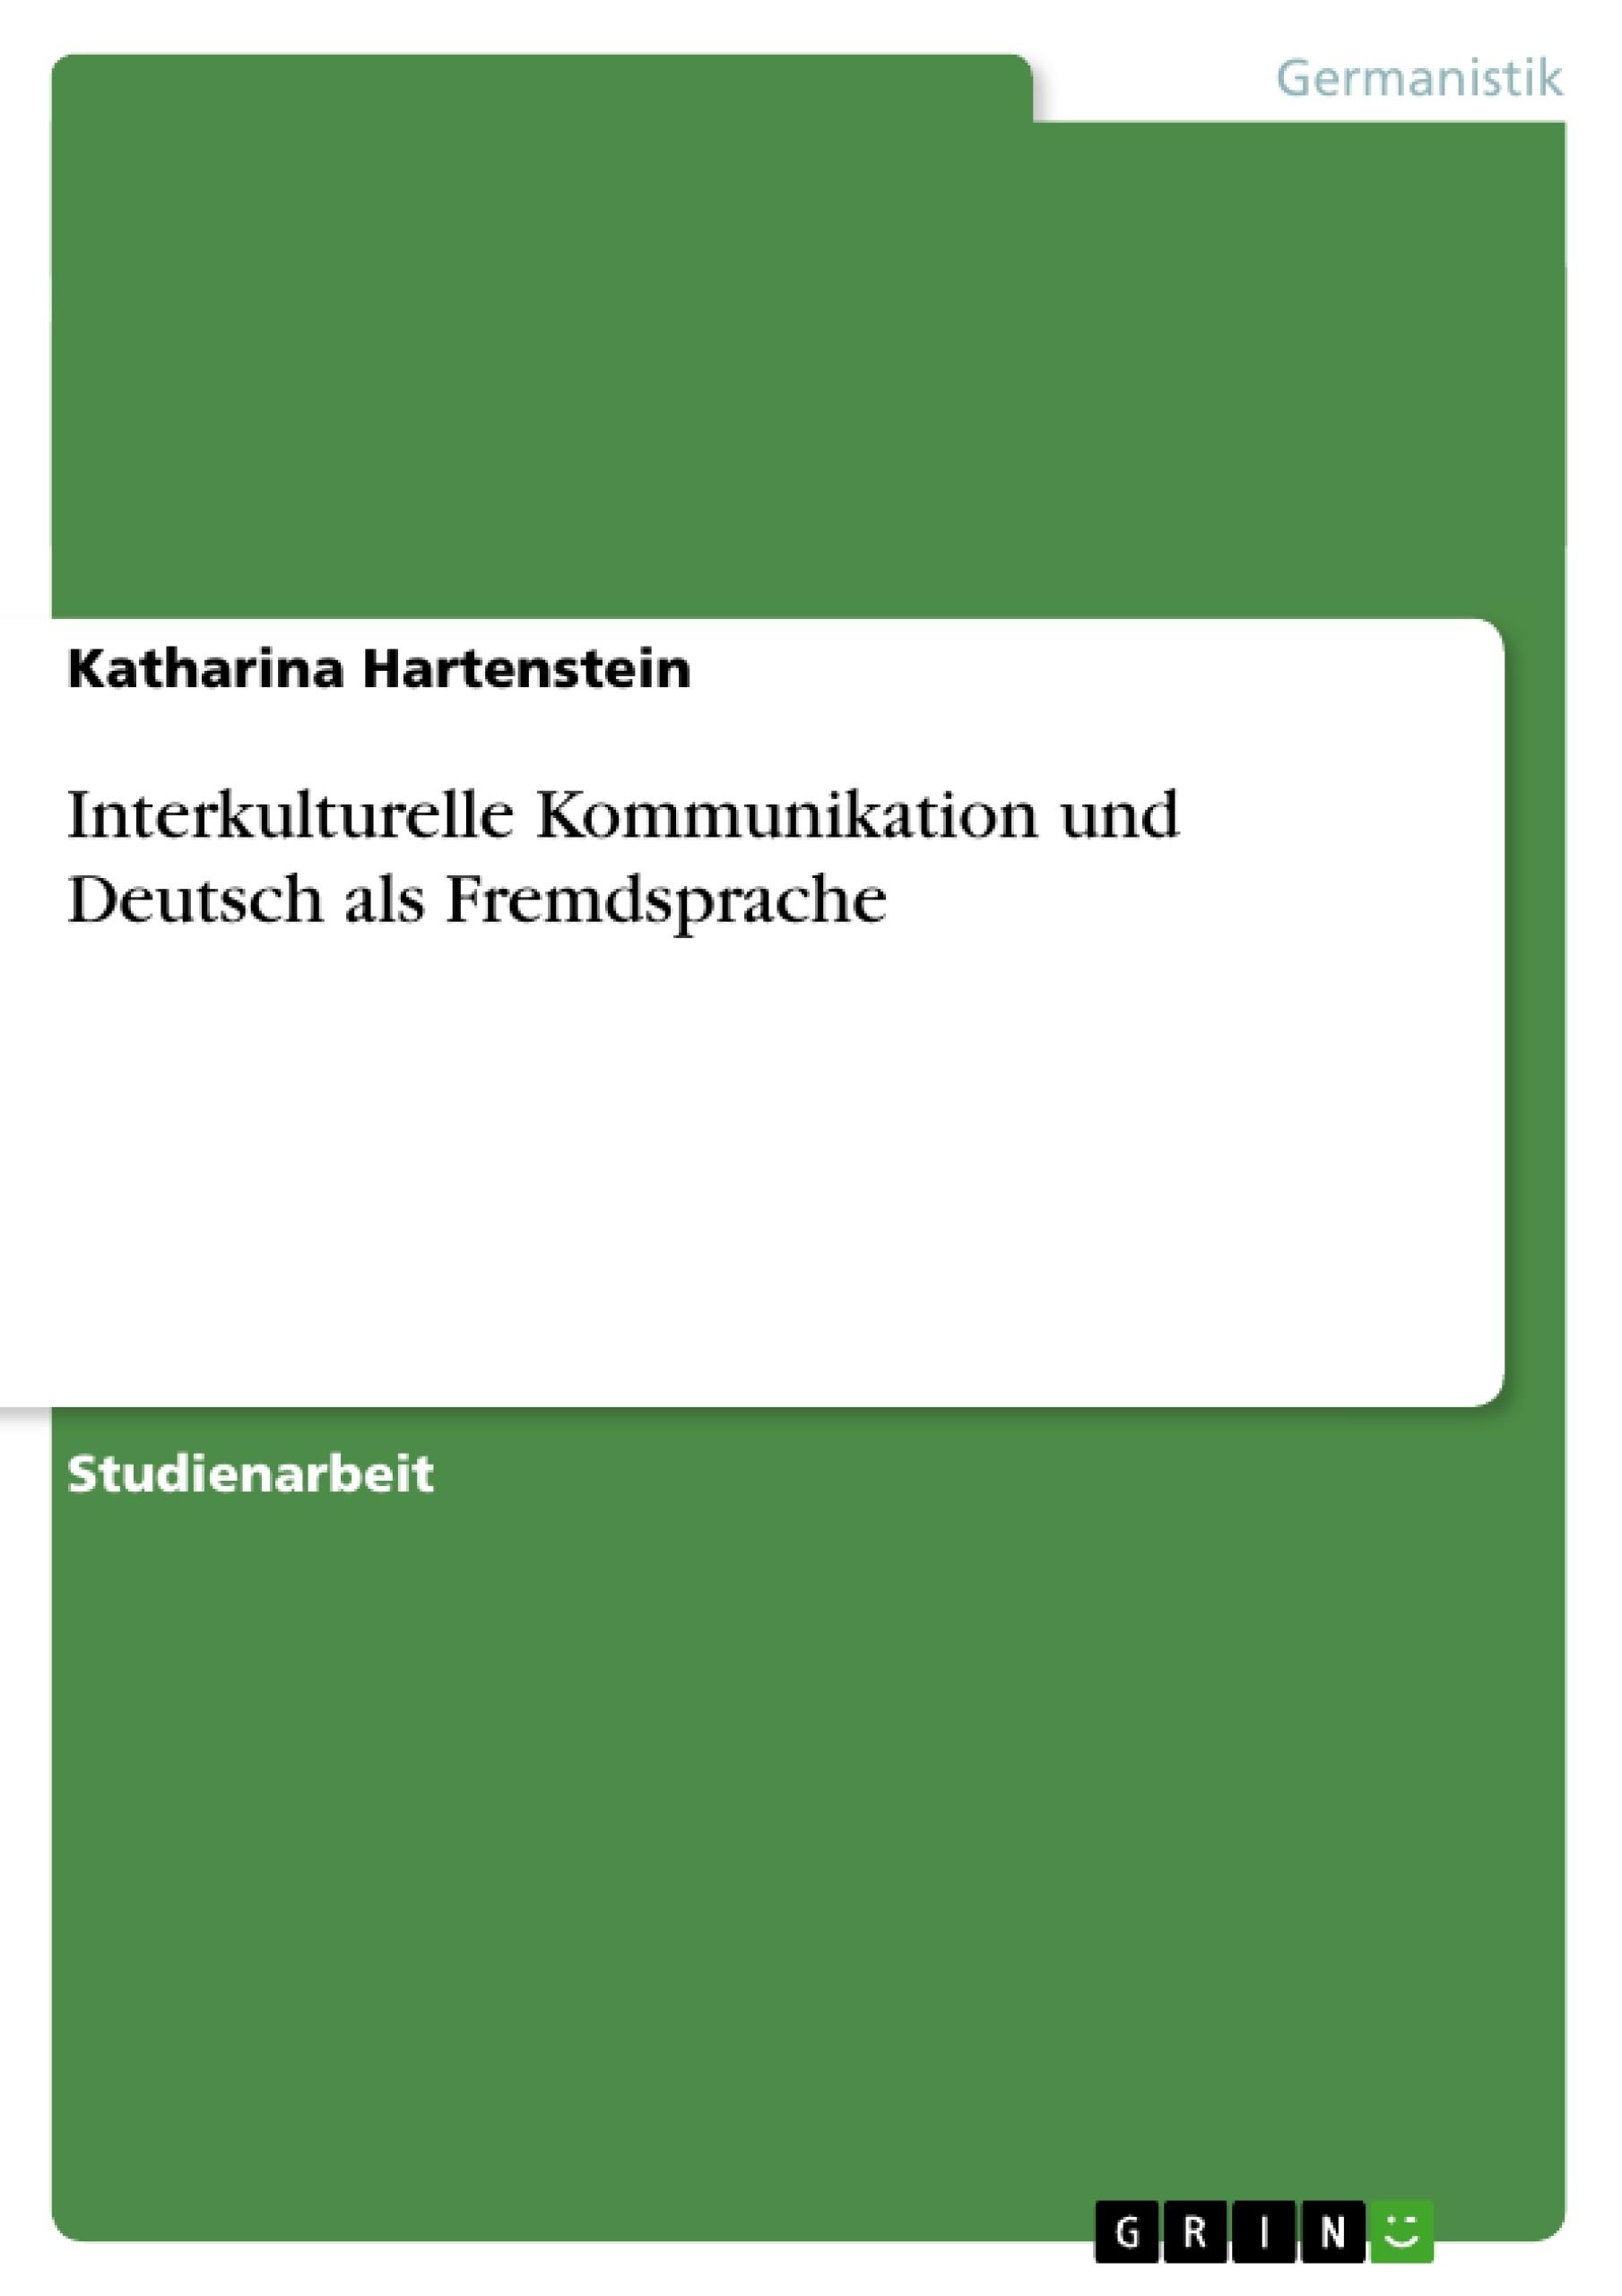 Titel: Interkulturelle Kommunikation und Deutsch als Fremdsprache